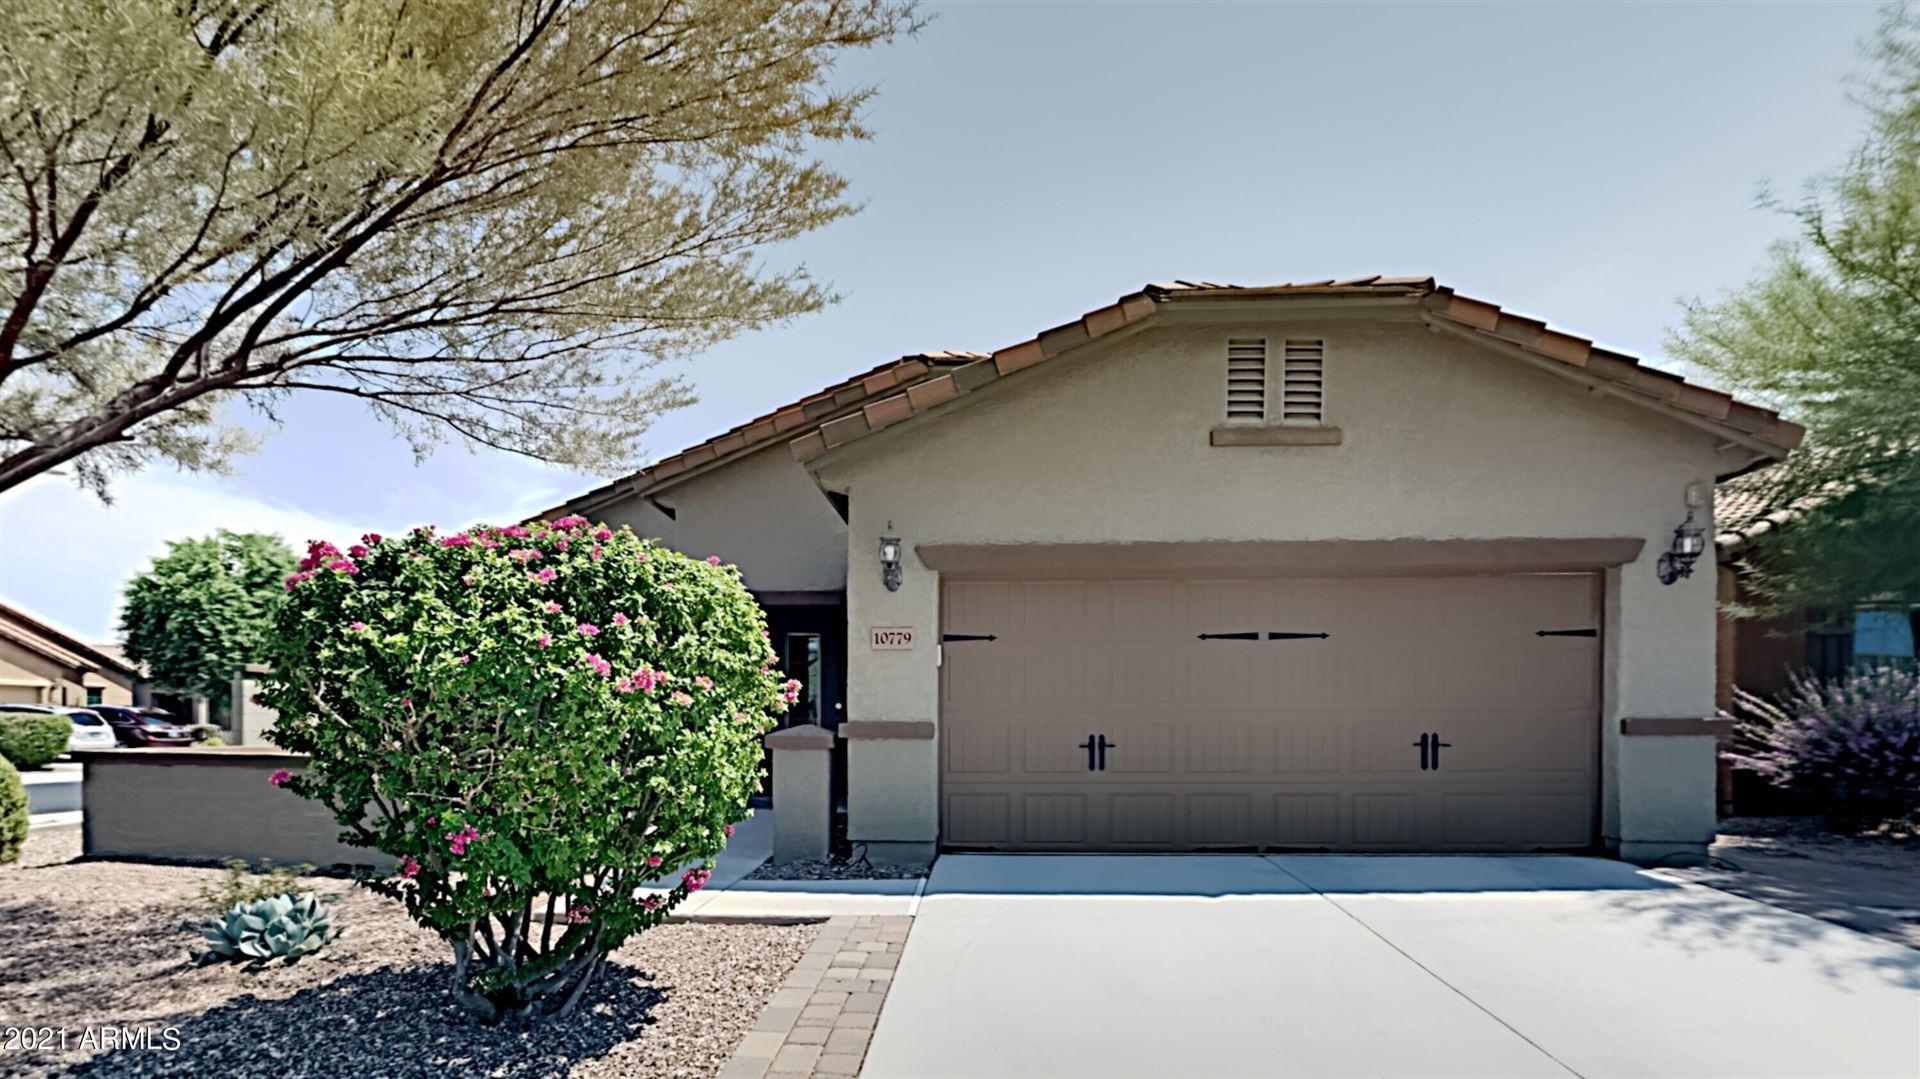 10779 W EL CORTEZ Place, Peoria, AZ 85383 - MLS#: 6265434